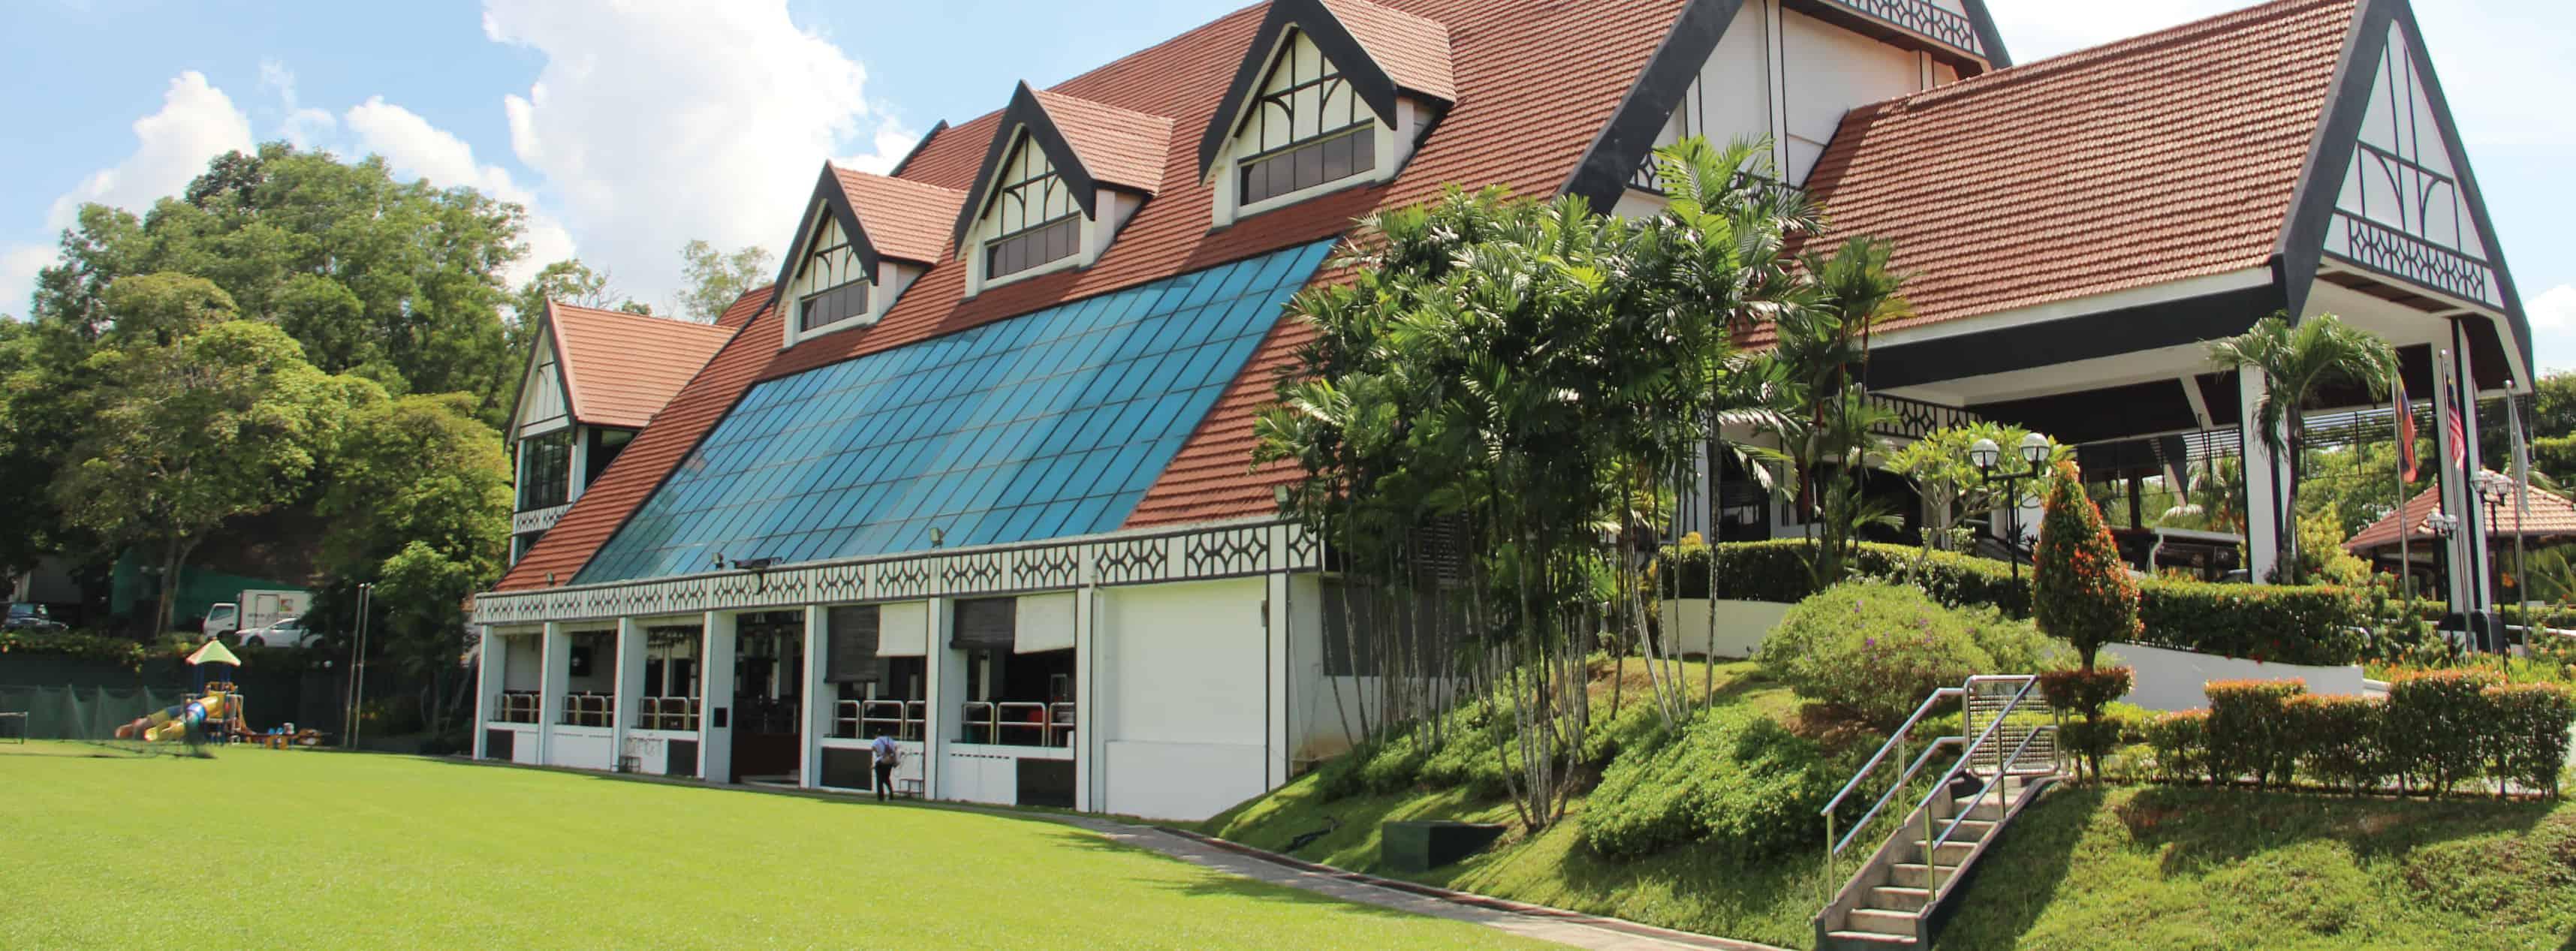 padang-cricket-match-Merdeka-Square-Kuala-Lumpur